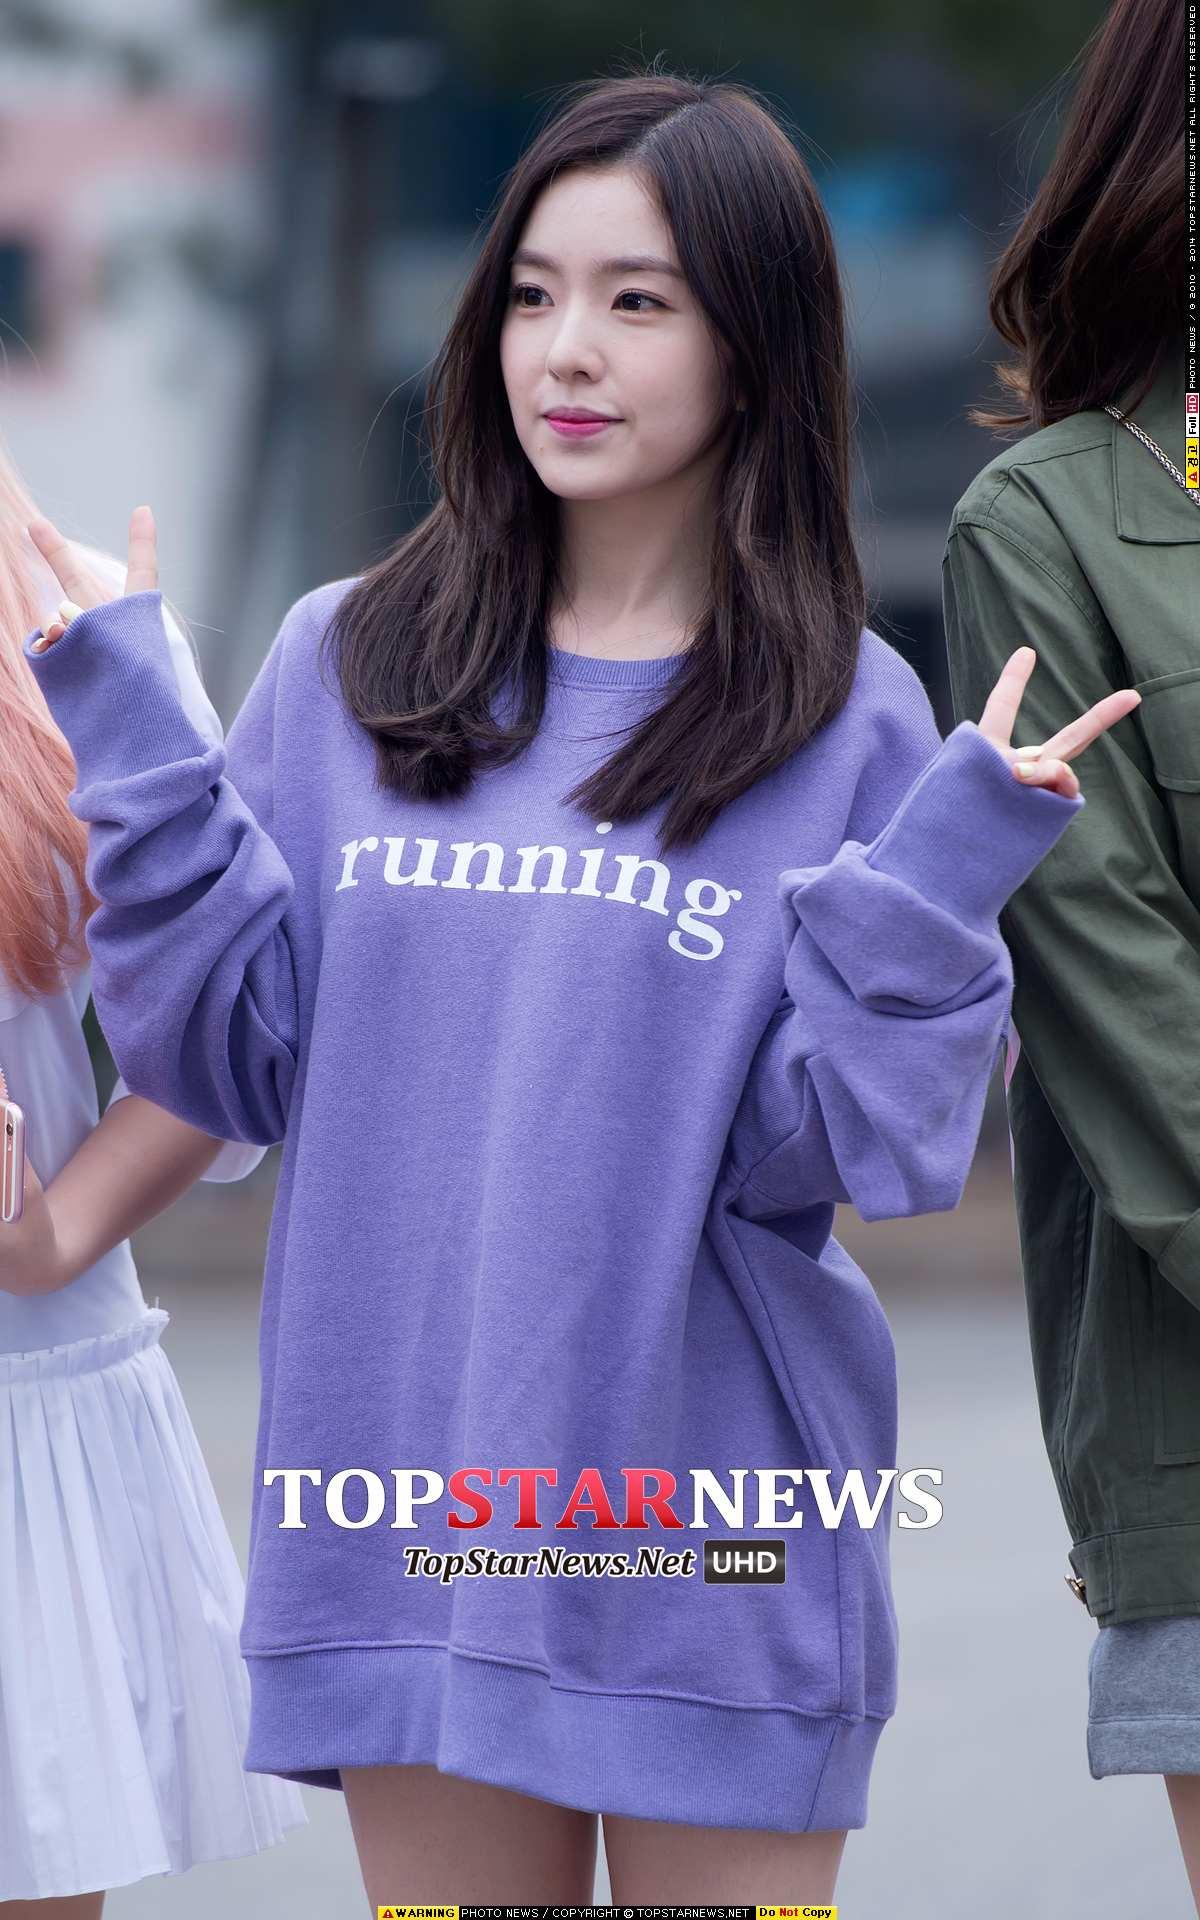 對啦~她就是Red Velvet的大姊:Irene,今年才24歲的她,不僅是團裡的隊長擔當,更是「媽媽」擔當。